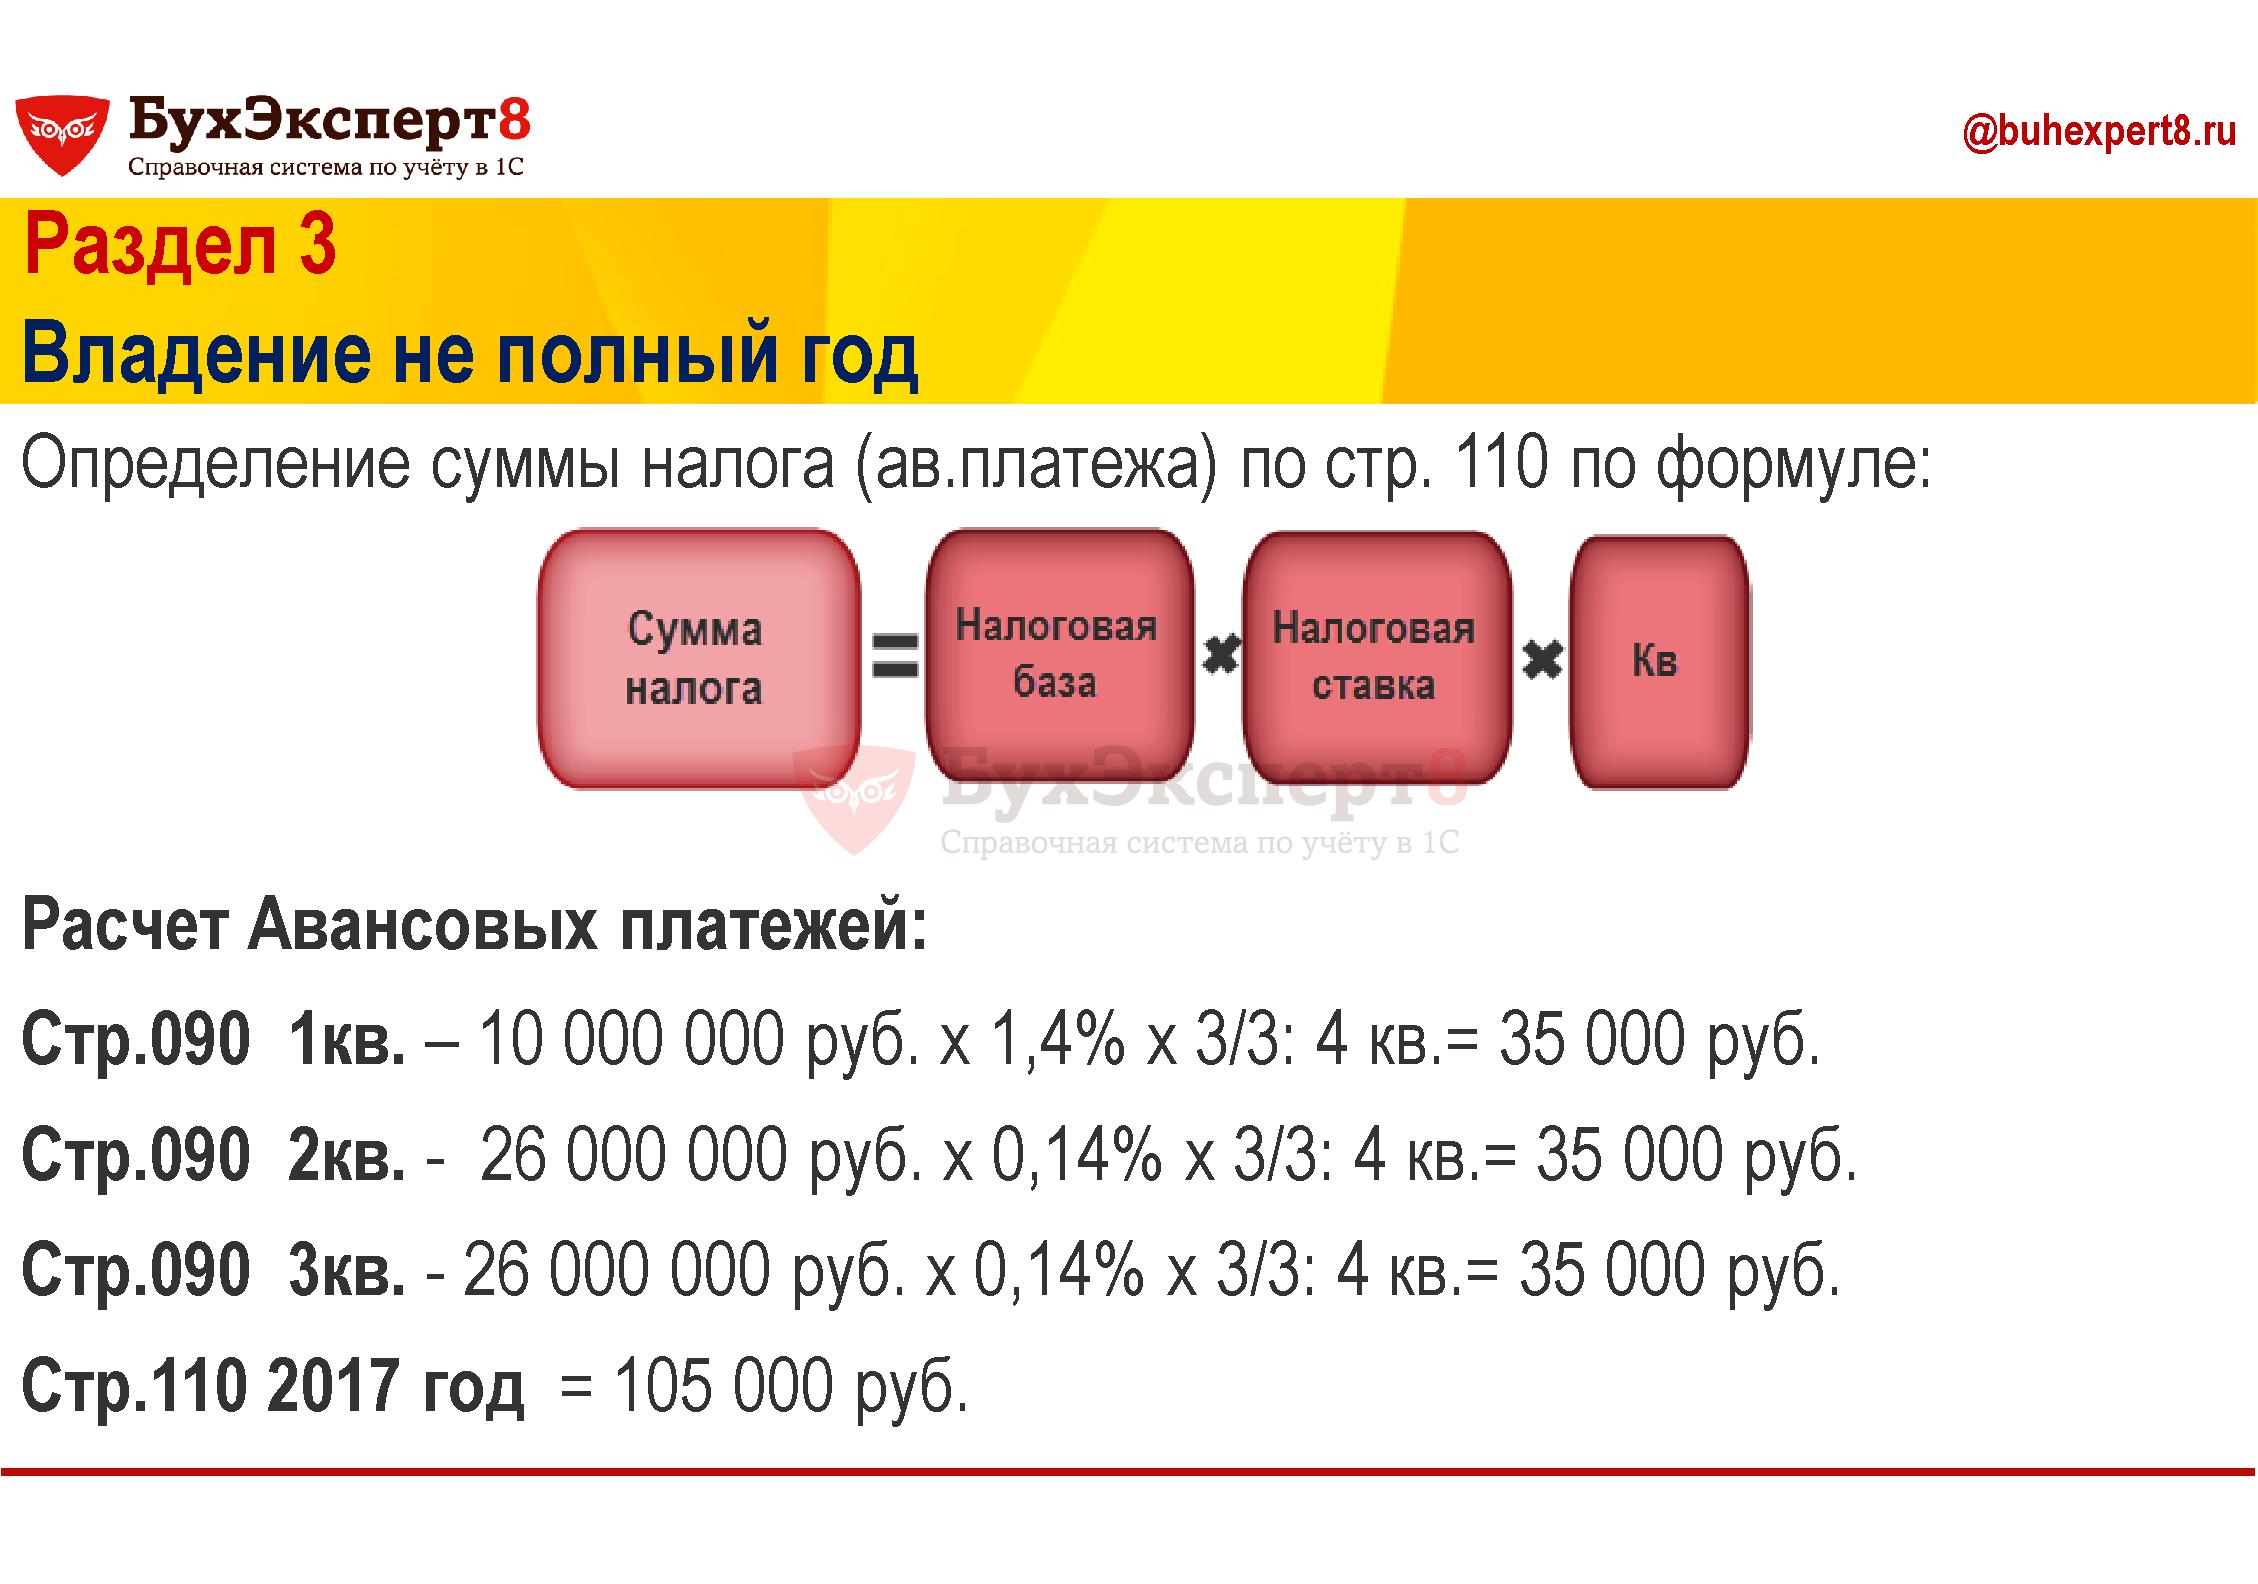 Раздел 3 Владение не полный год Определение суммы налога (ав.платежа) по стр. 110 по формуле: